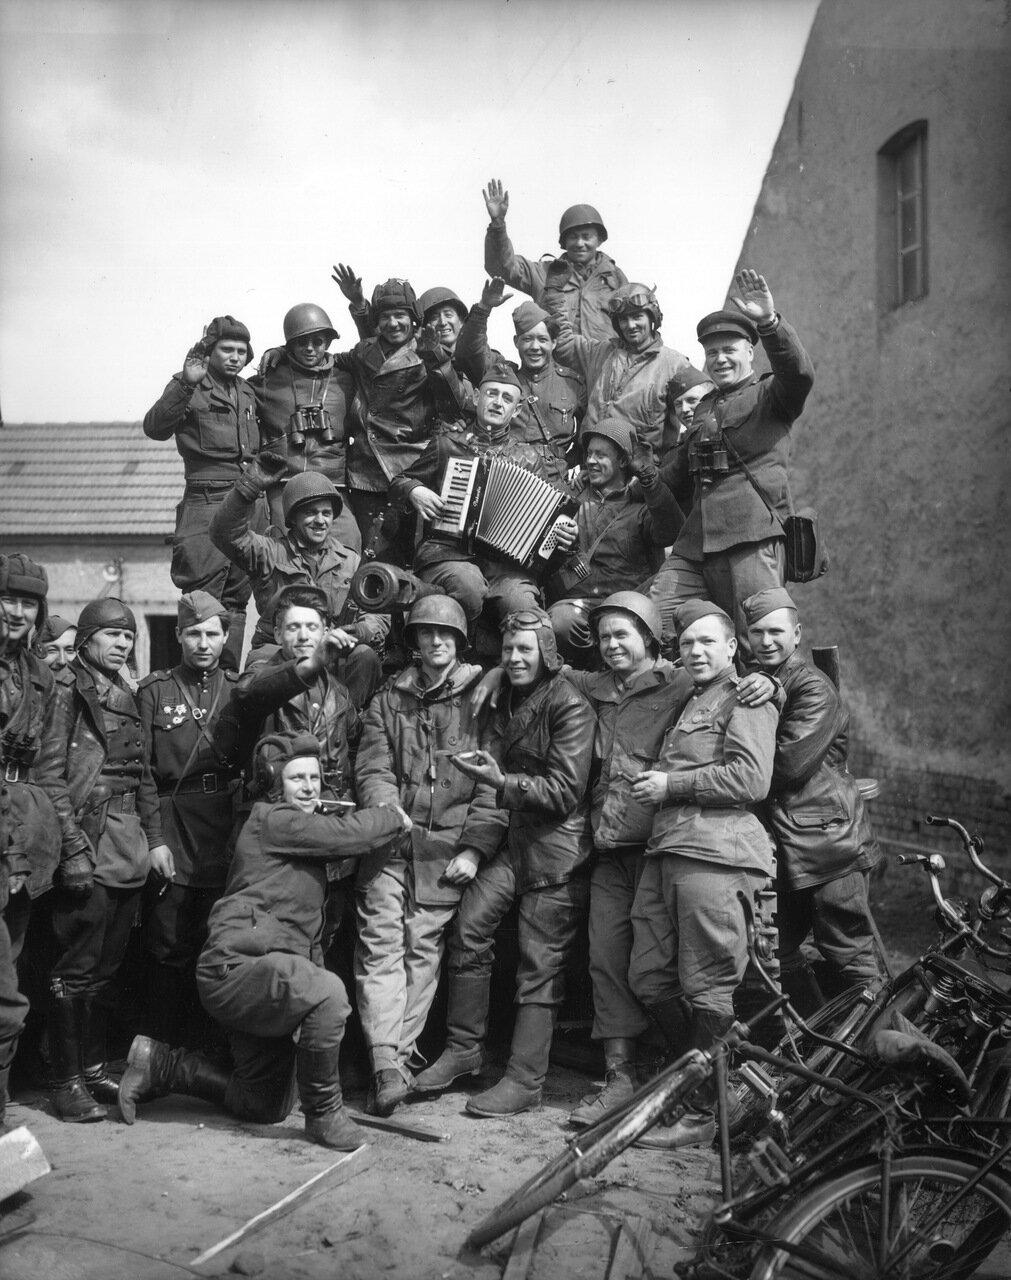 Американски и русские солдаты поют песни на русском танке